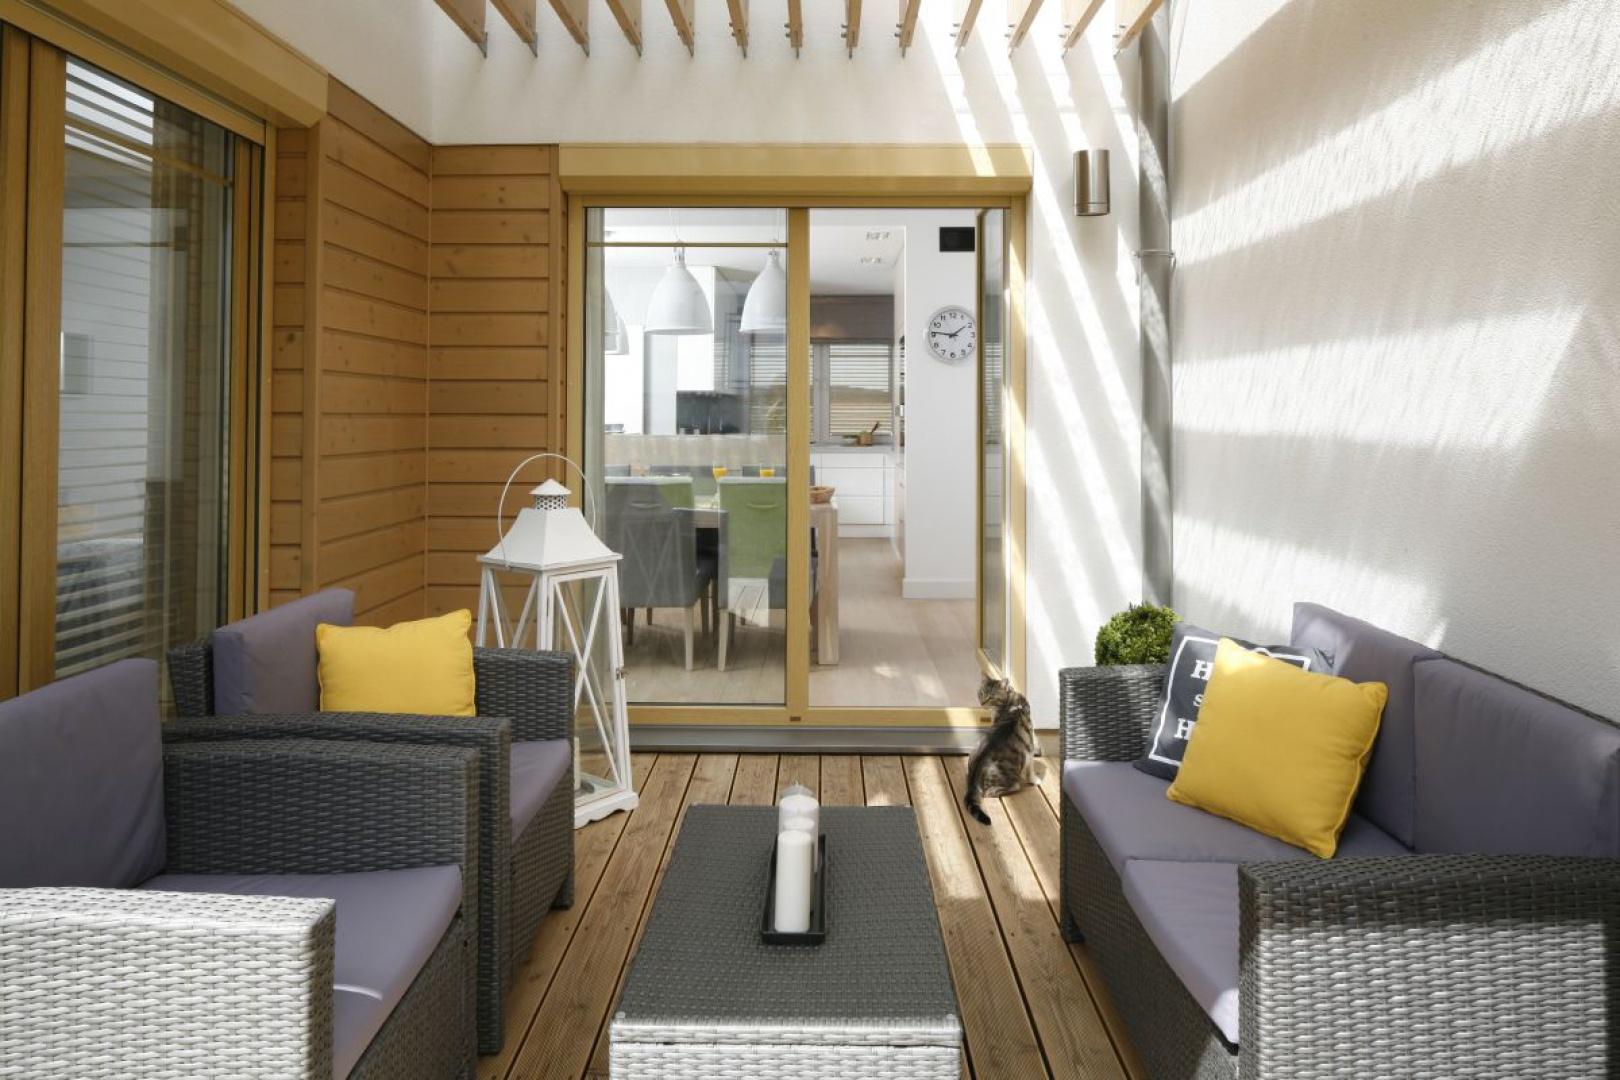 W bezdeszczowe pogodę możemy także odnowić balkon czy taras. Projekt: Małgorzata Galewska. Fot. Bartosz Jarosz